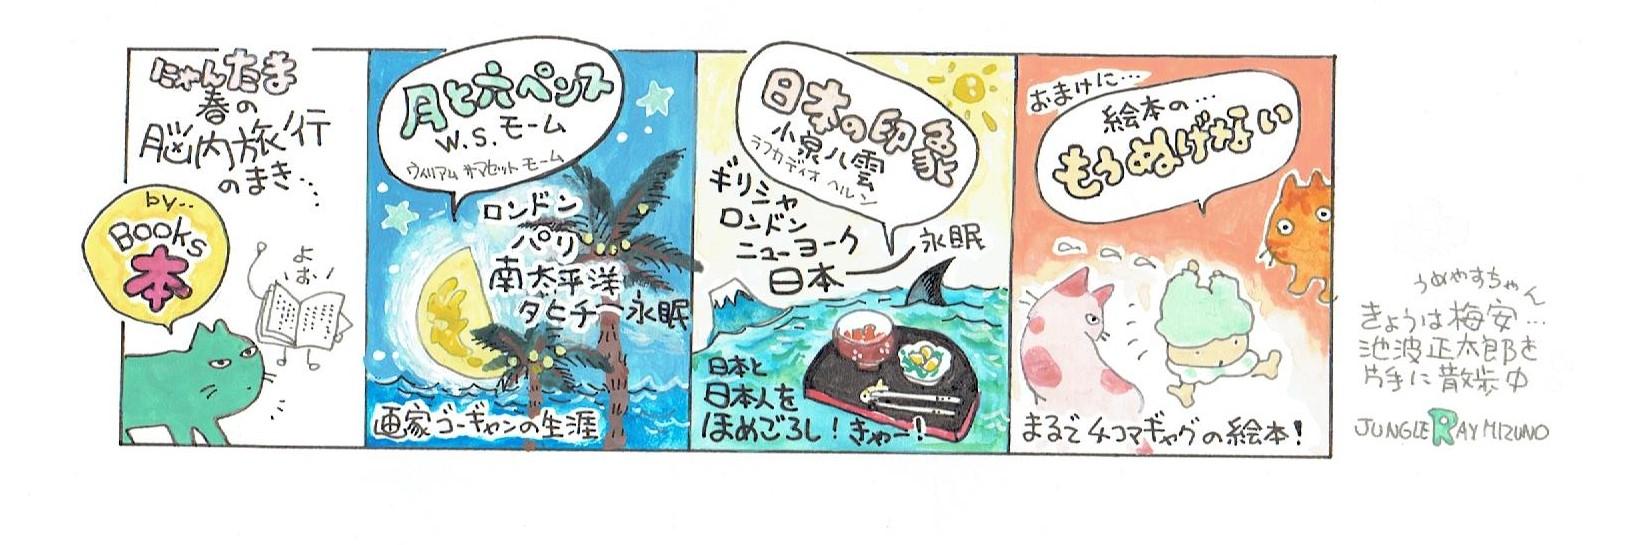 玲さん漫画3月分.jpg